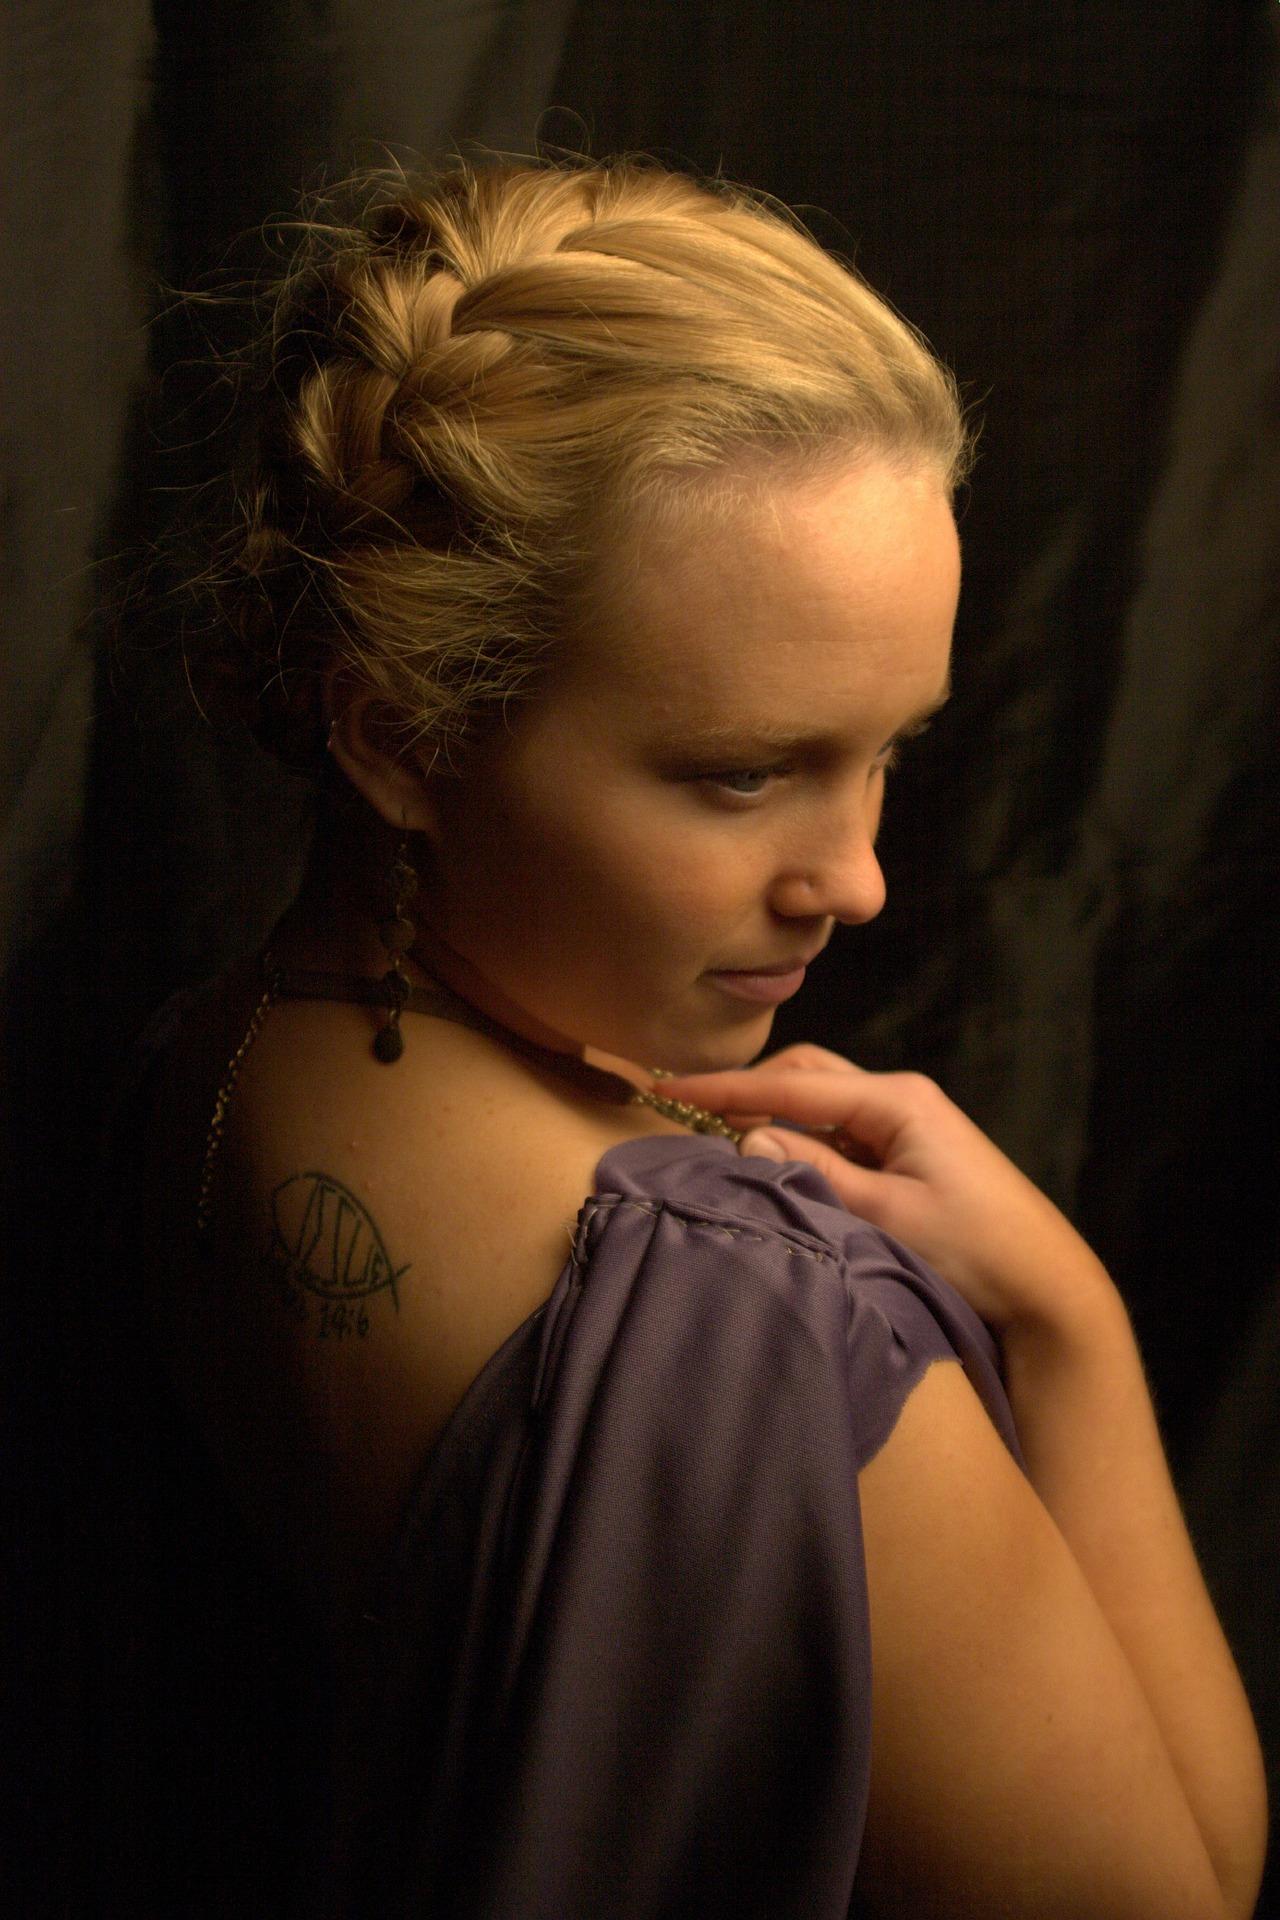 woman-520040_1920